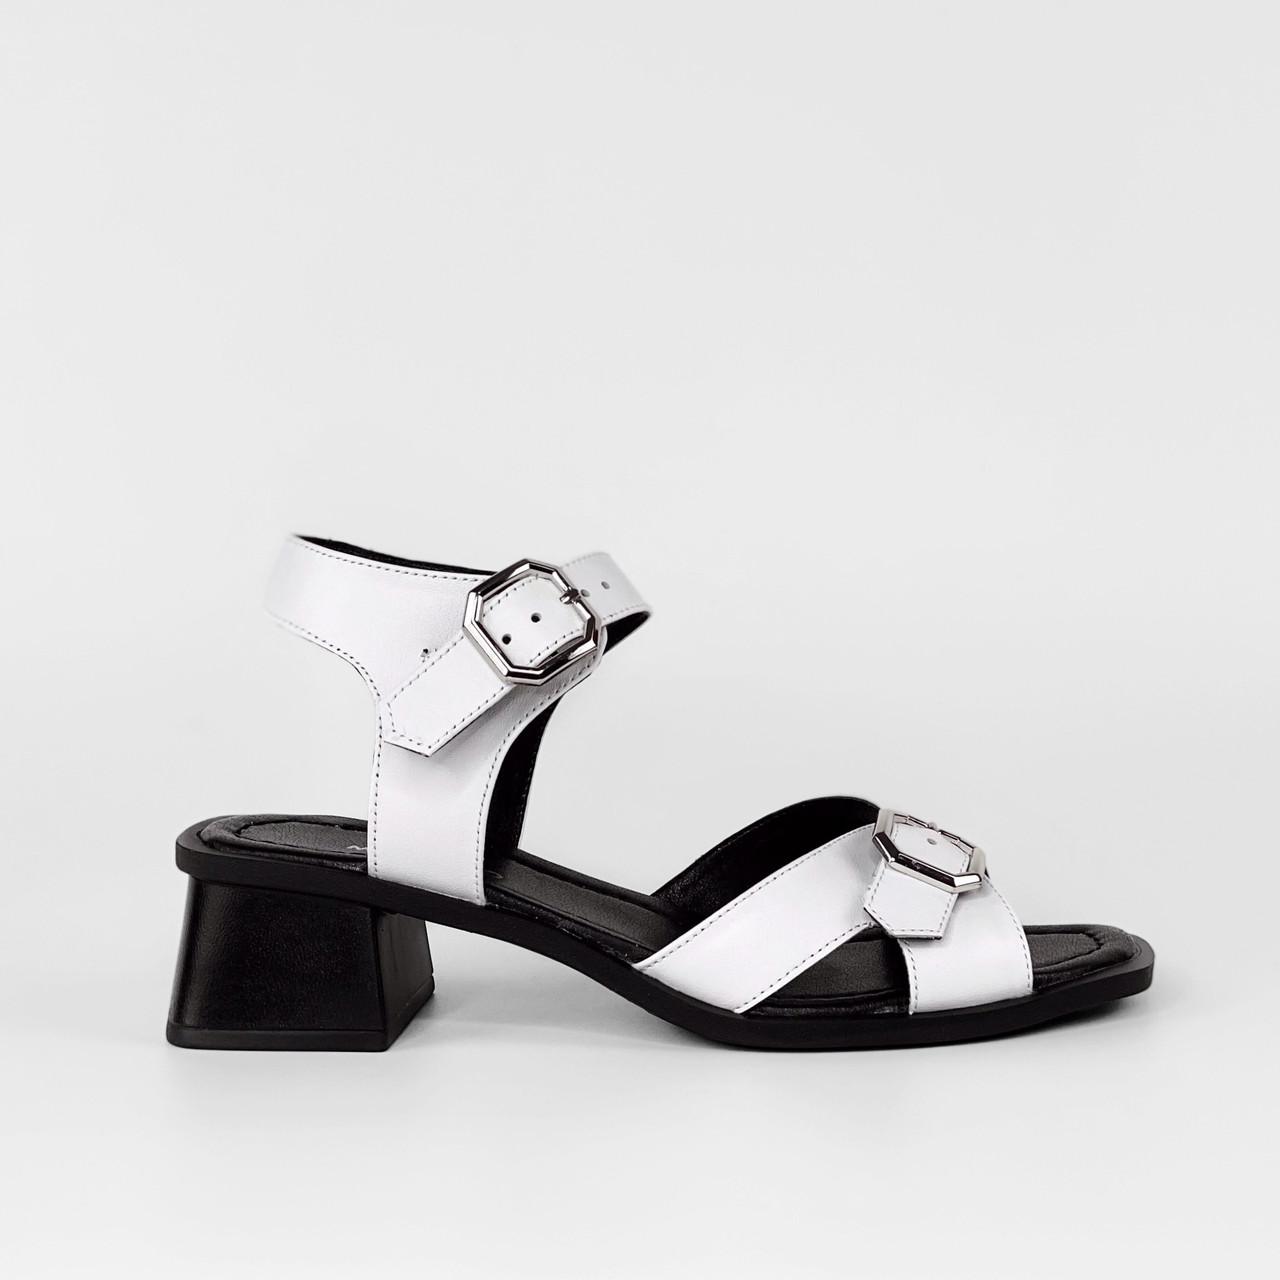 Босоножки женские кожаные белые на каблуке с пряжками MORENTO